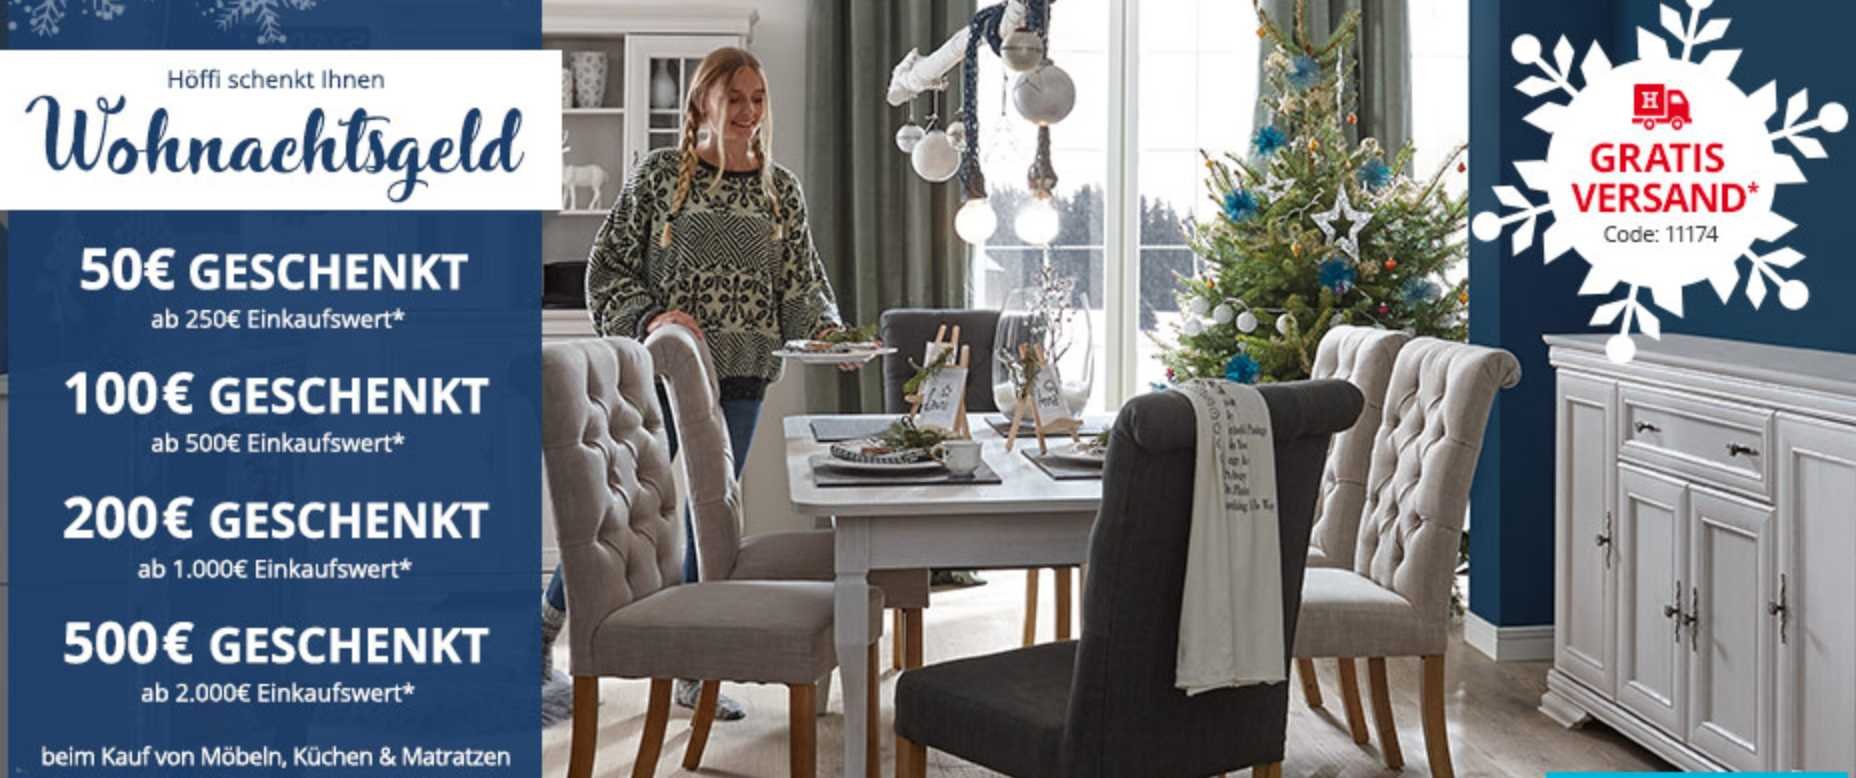 h ffner ab 250 einkauf geld geschenkt. Black Bedroom Furniture Sets. Home Design Ideas